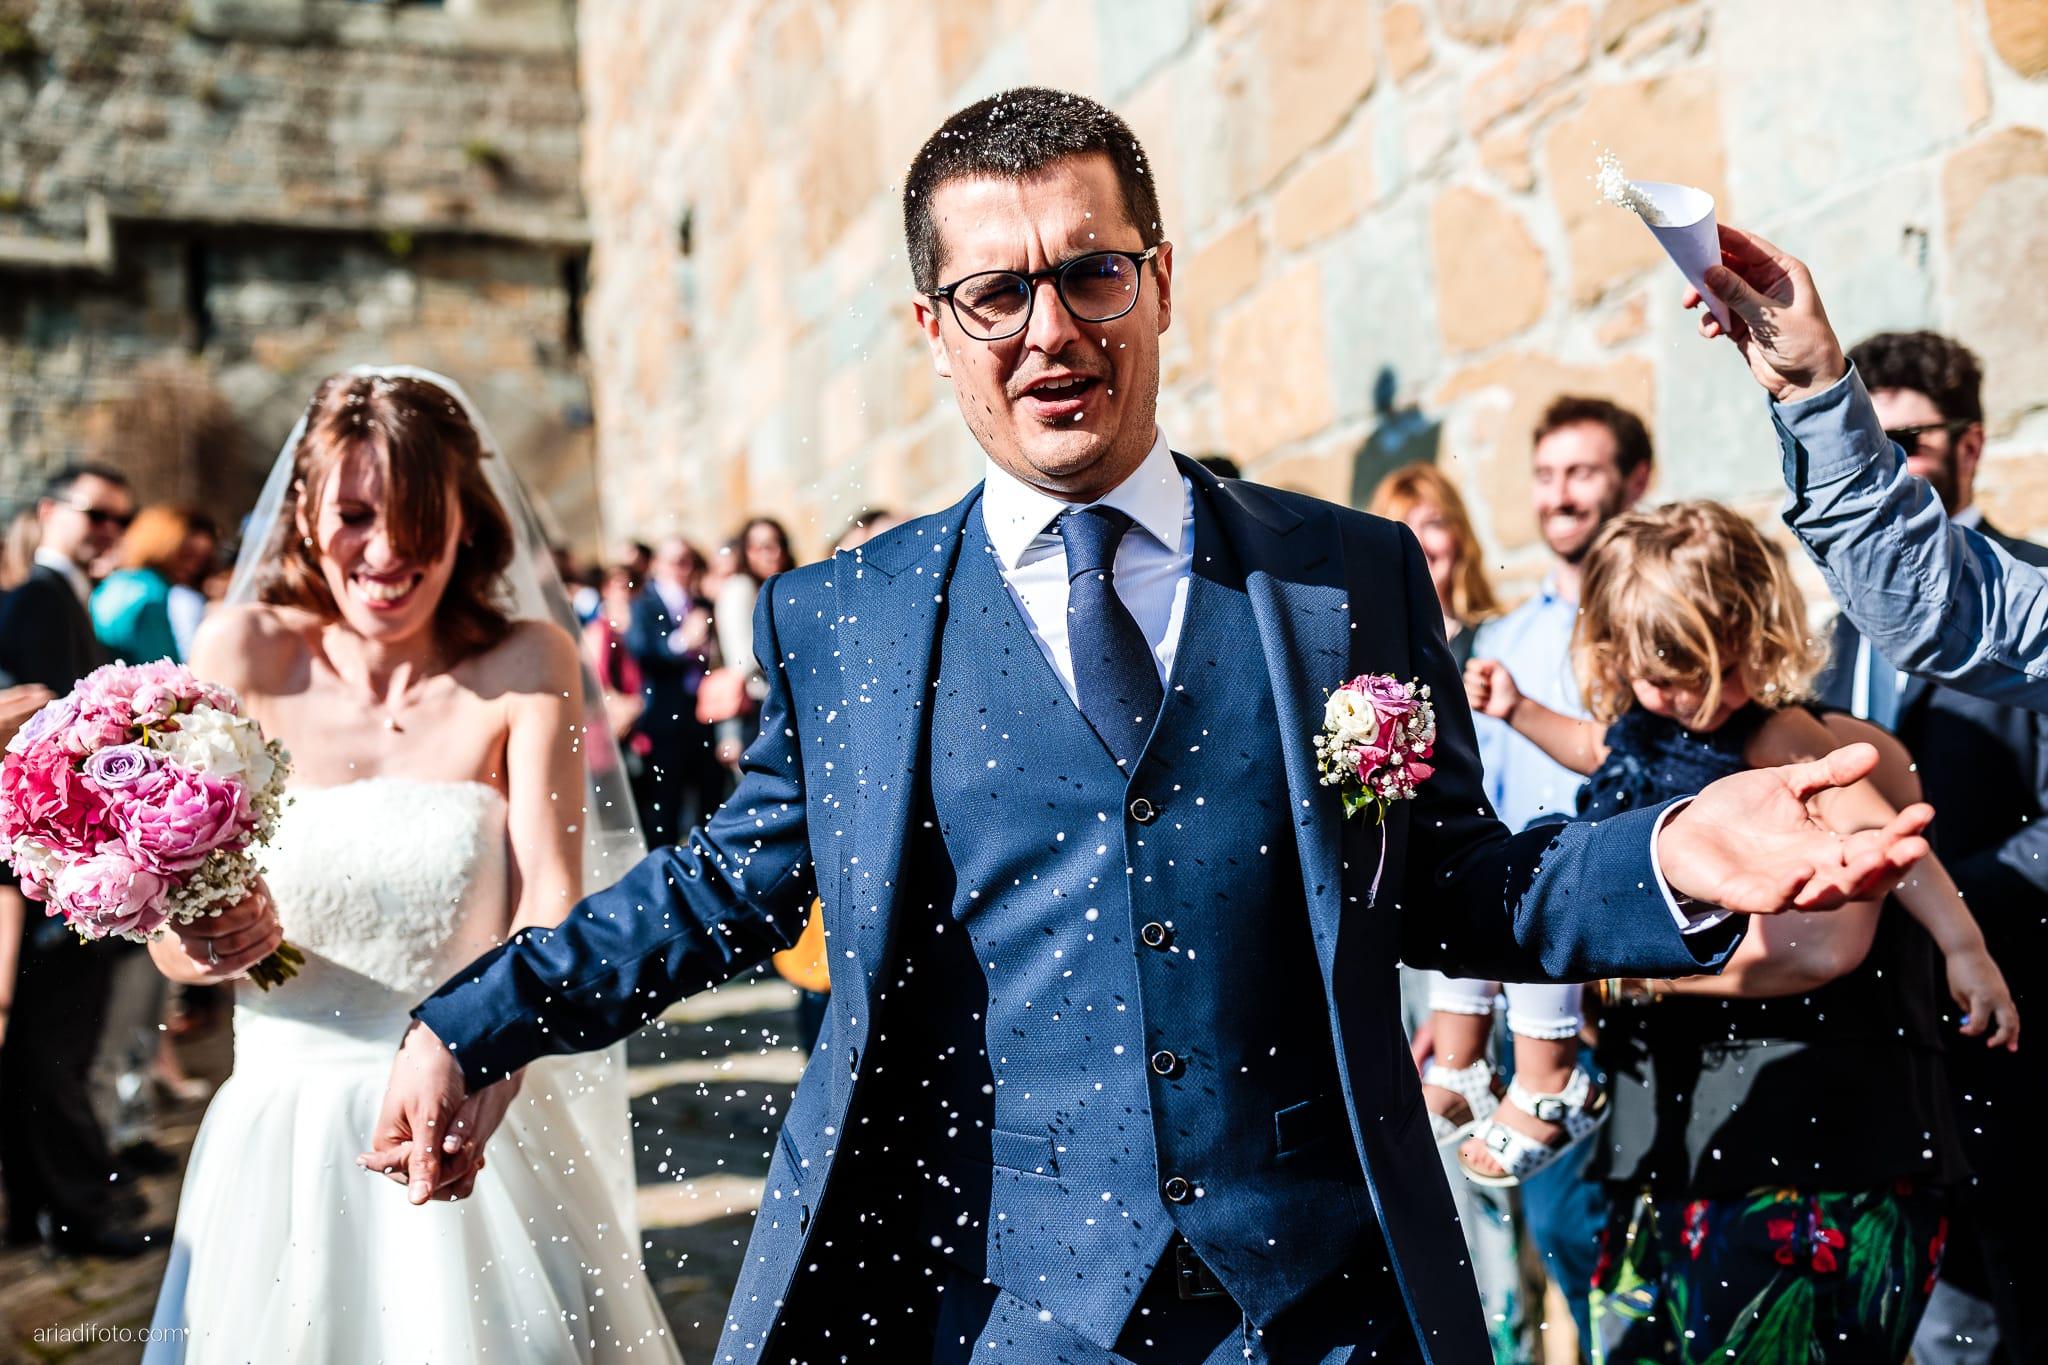 Marina Stefano Matrimonio Castello San Giusto Molo IV Trieste cerimonia civile lancio del riso